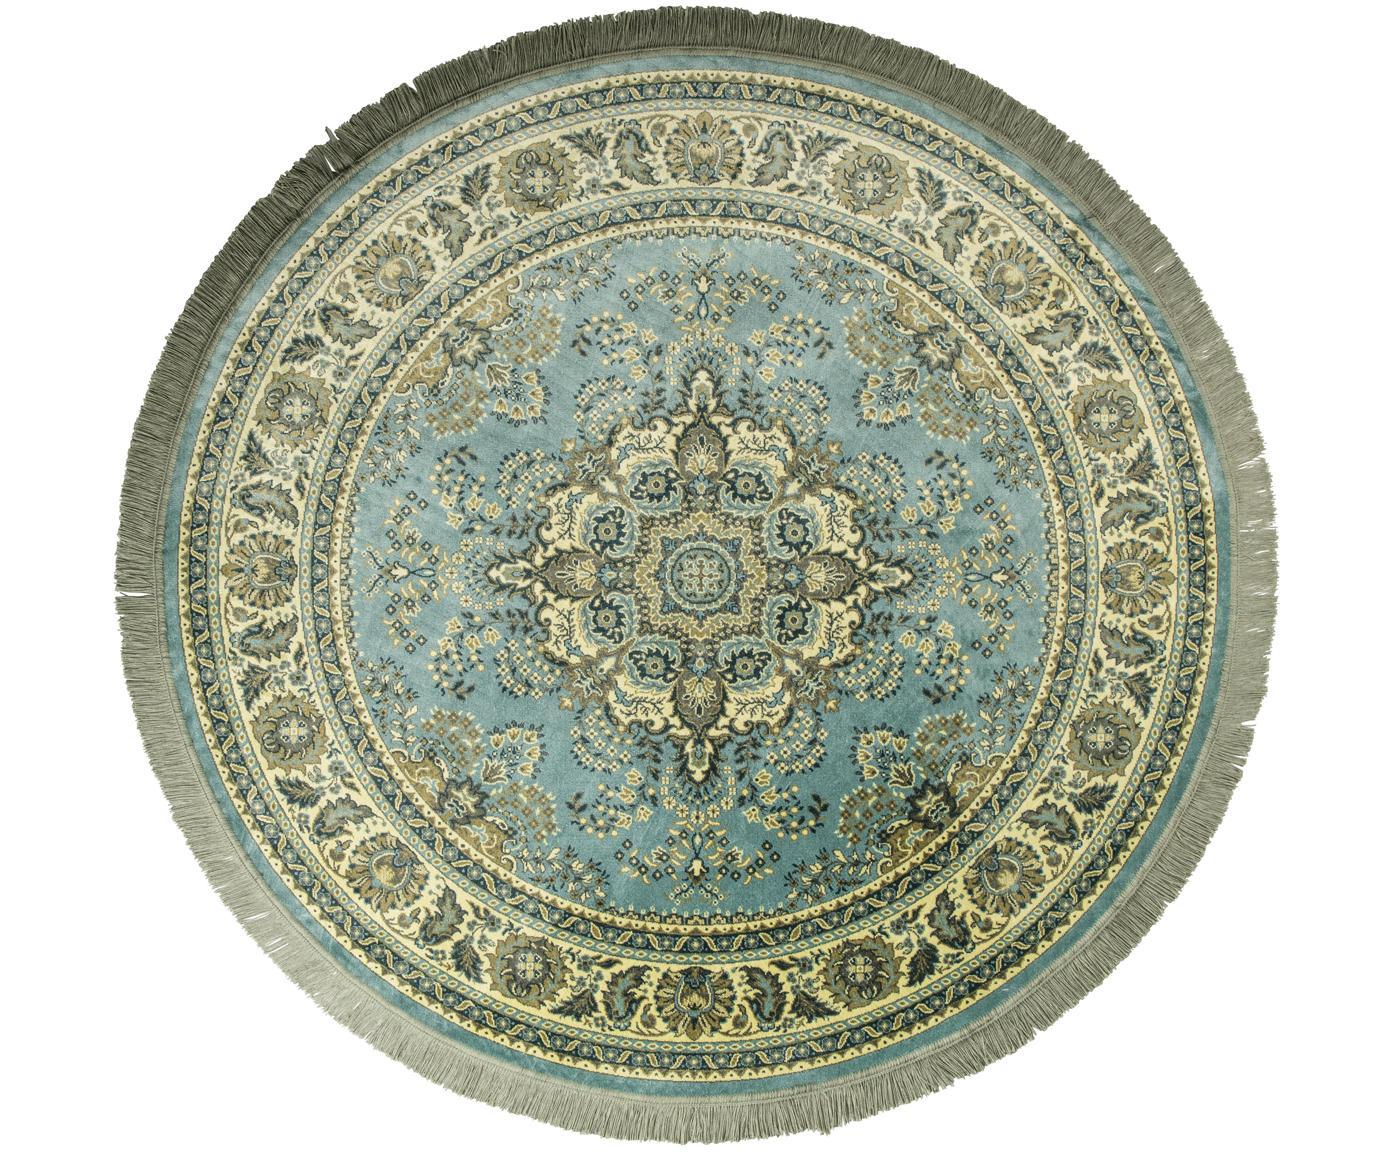 Alfombra redonda con flecos Bodega, estilo vintage, Parte superior: 38%rayón, 26%algodón, 2, Reverso: látex, Tonos verdes, Ø 175 cm (Tamaño L)